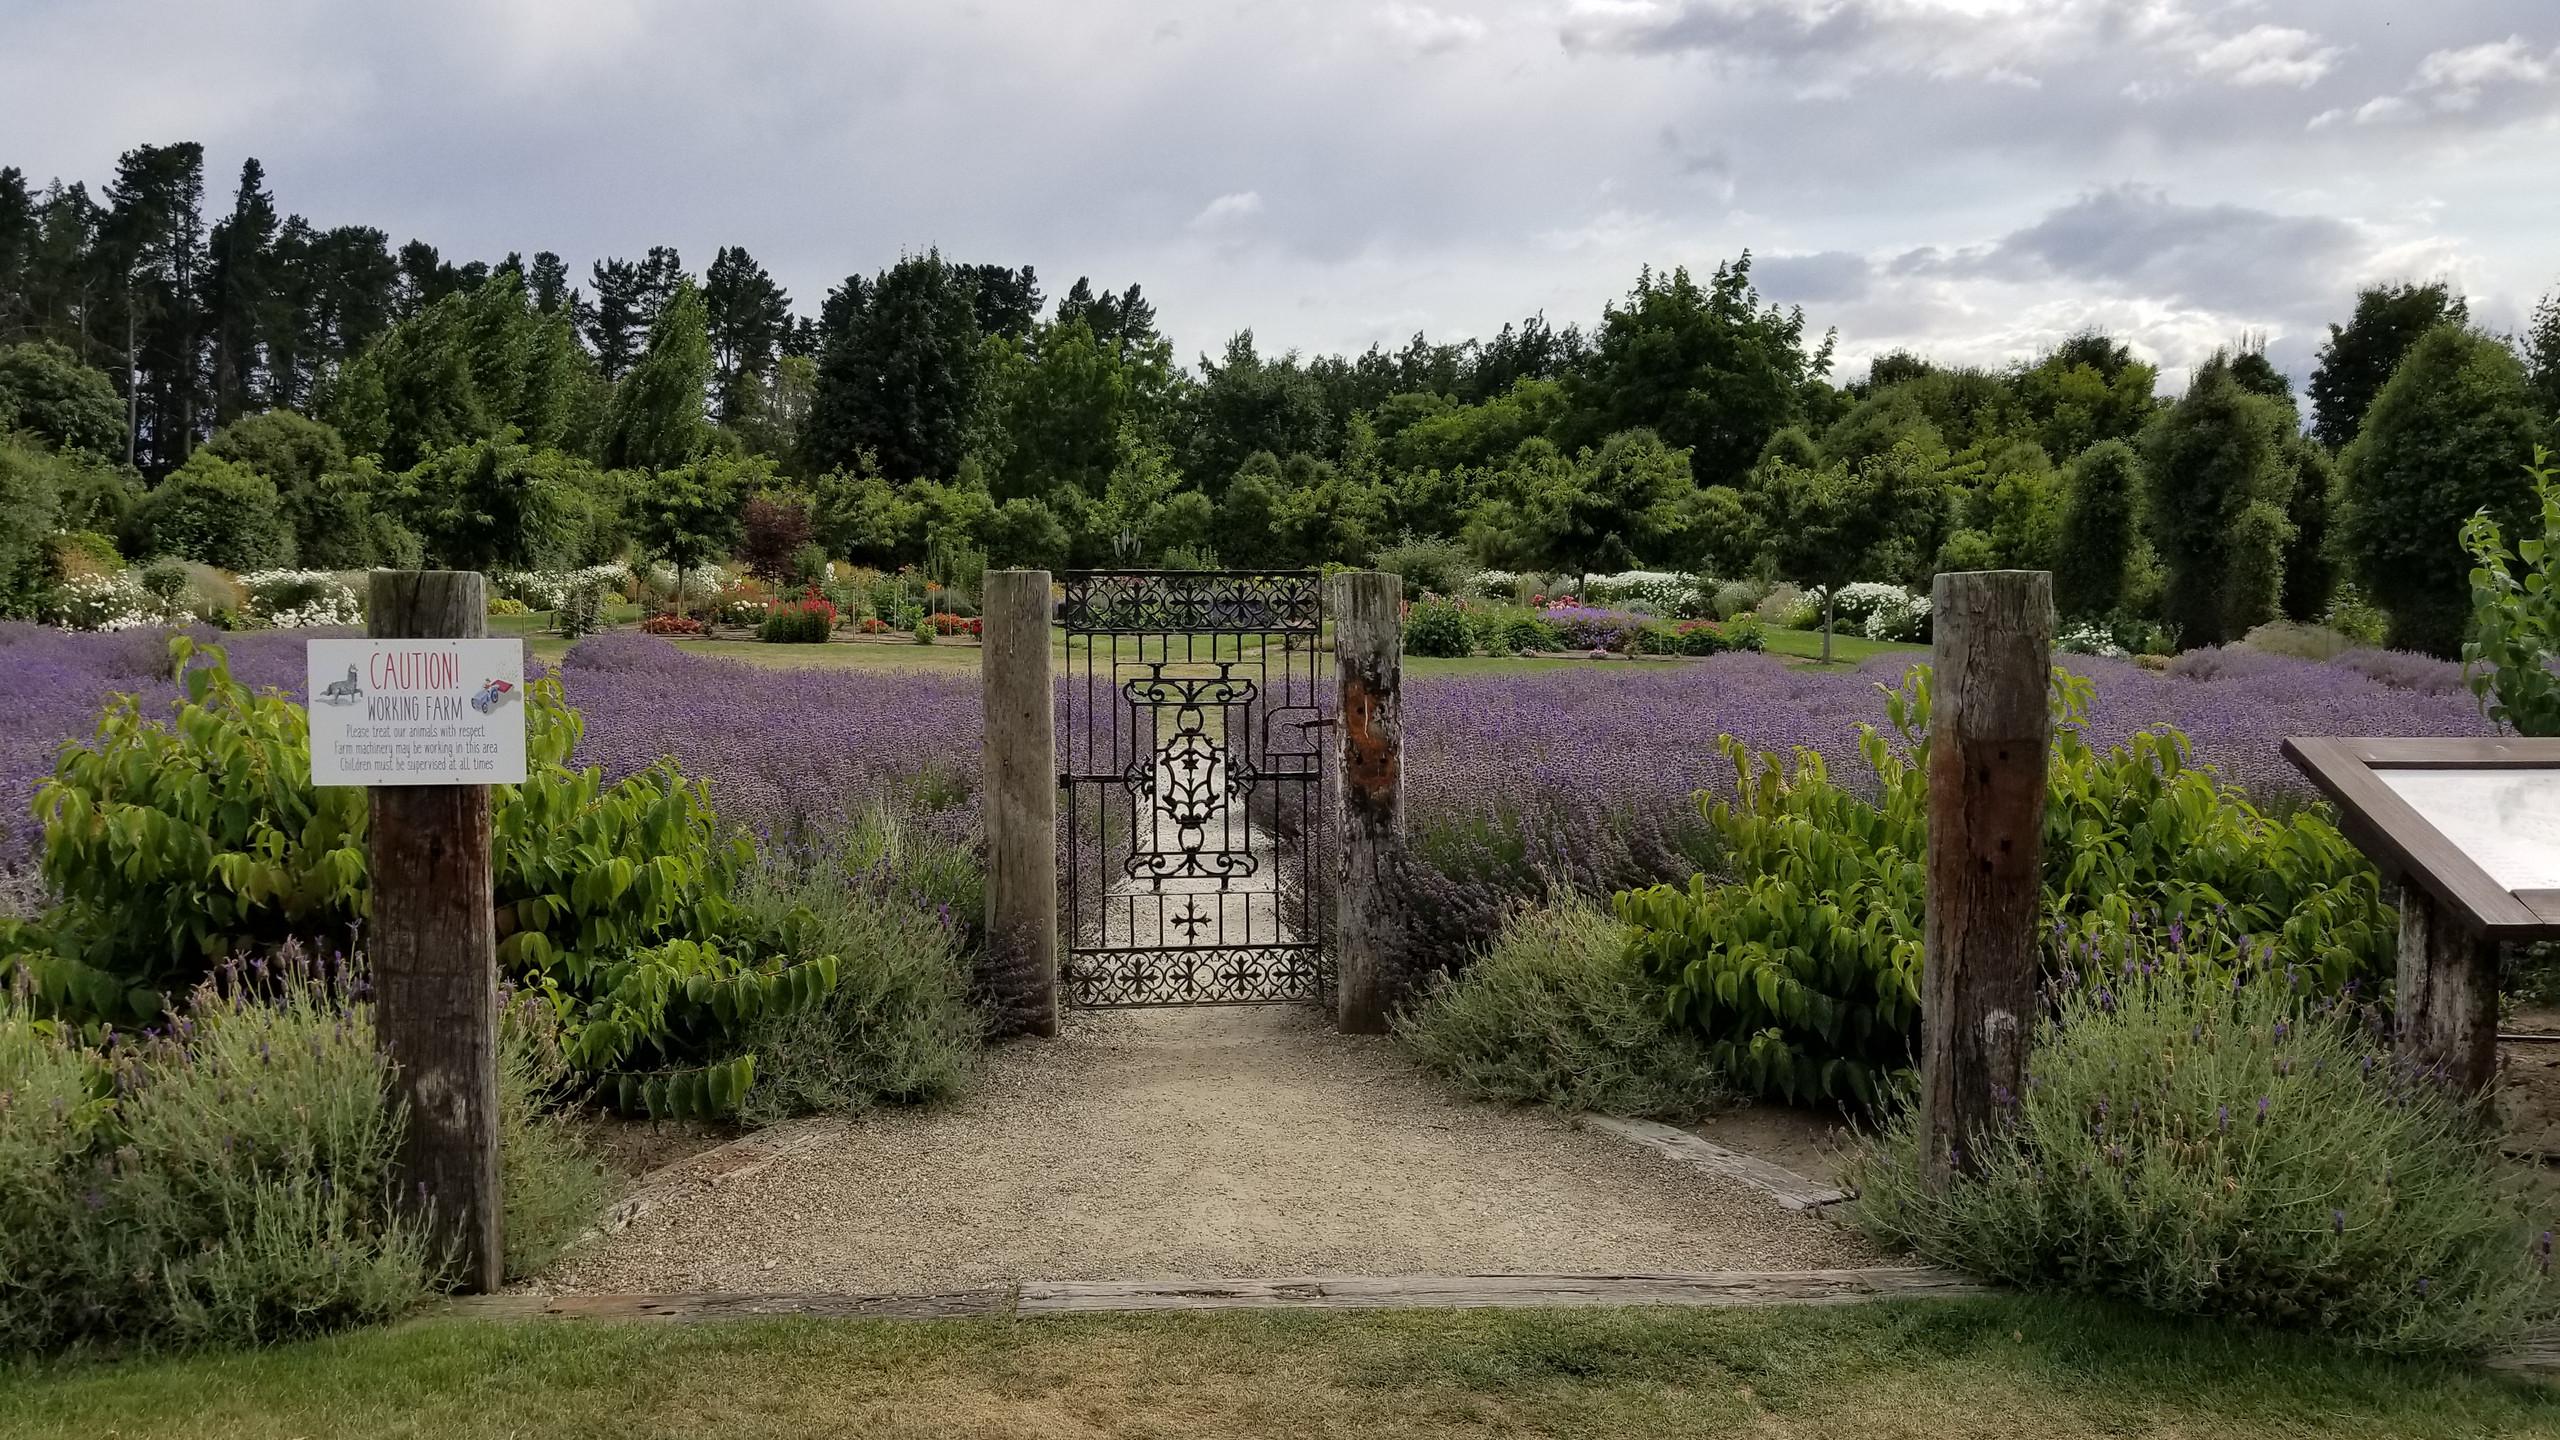 Lavender farm Wanaka, New Zealand activities, New Zealand tours